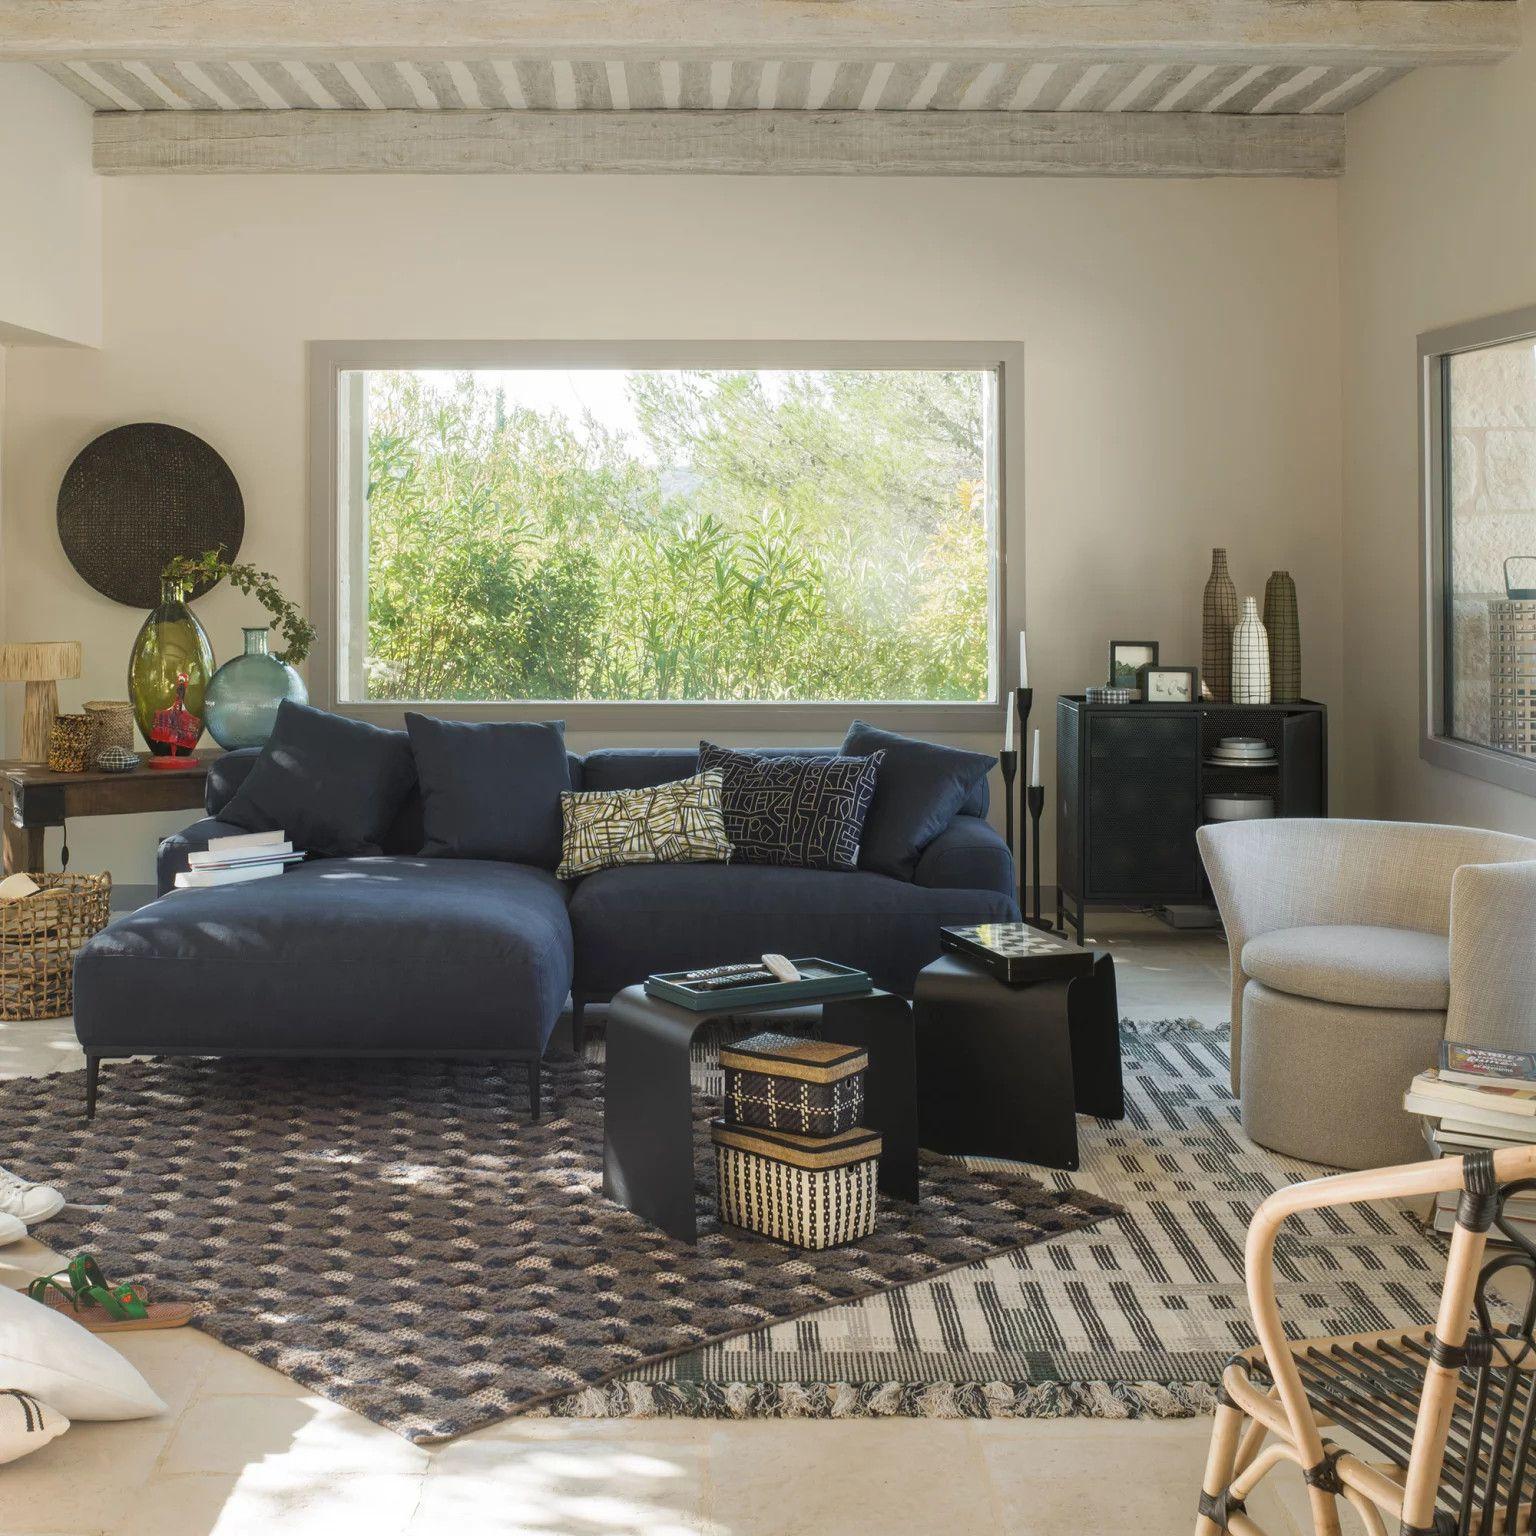 Habitat Collection Meubles Et Decoration Printemps Ete 2020 Planete Deco A Homes World En 2020 Mobilier De Salon Decoration Maison Habitat